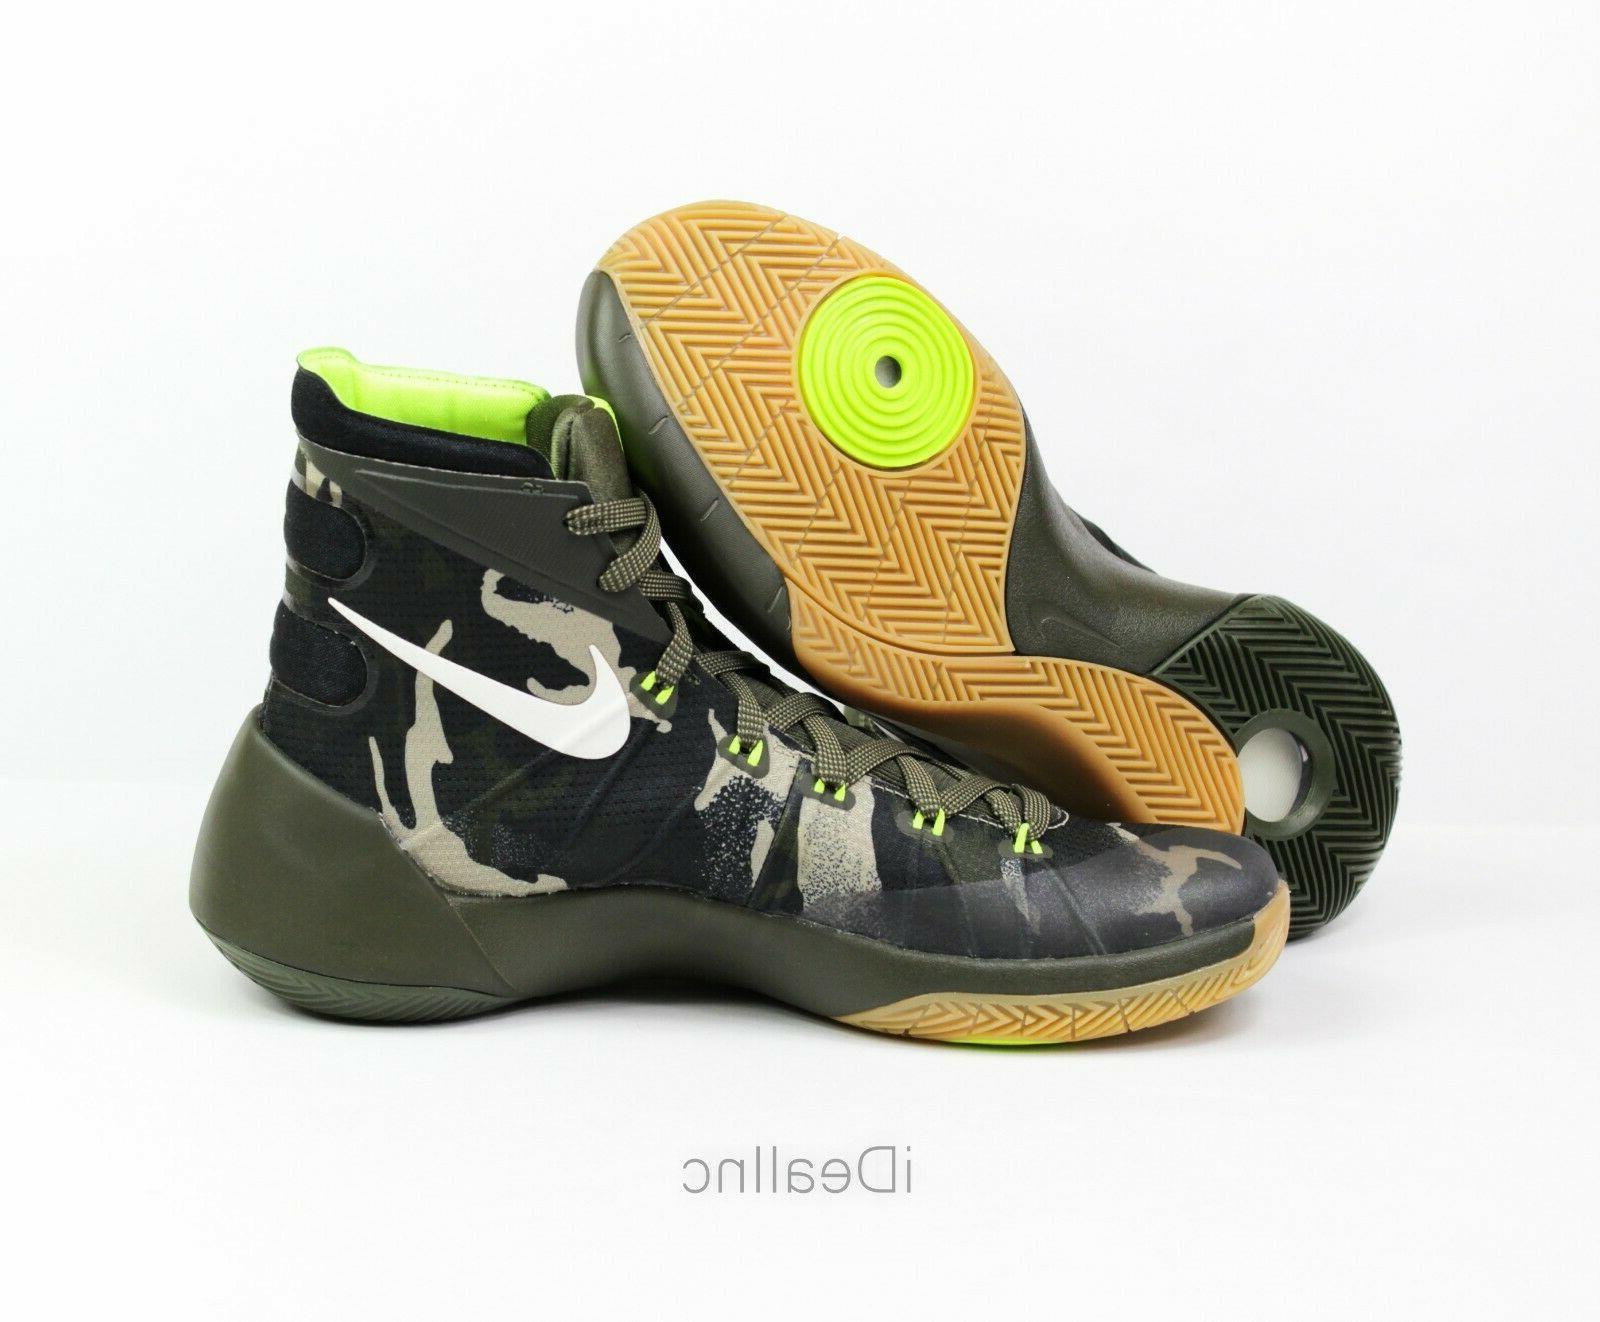 Nike Basketball Shoes Camo